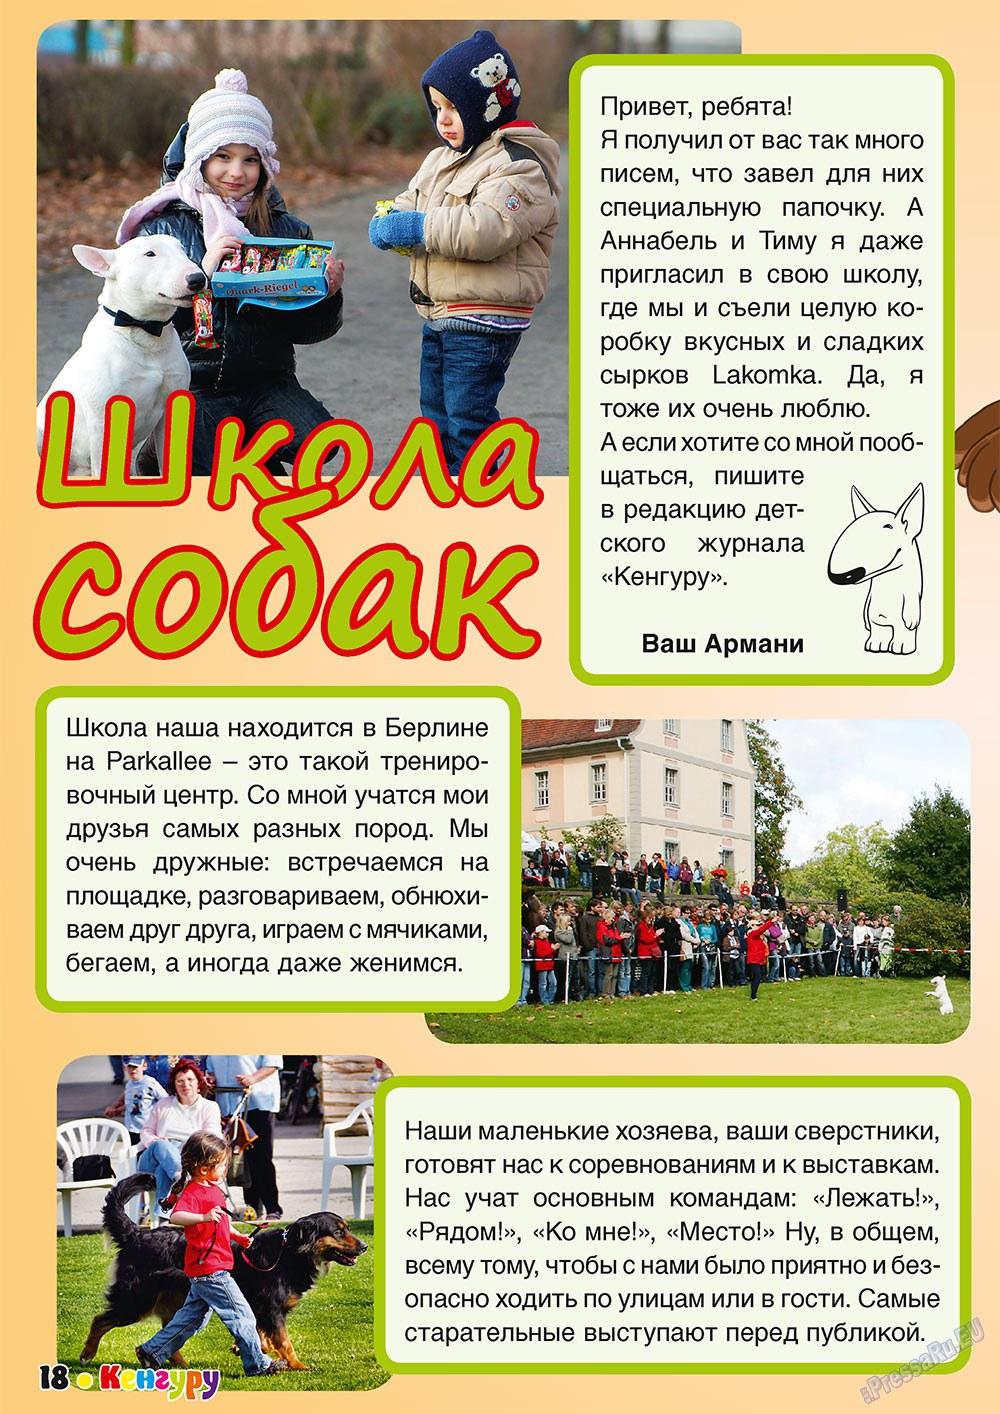 Кенгуру (журнал). 2011 год, номер 2, стр. 18